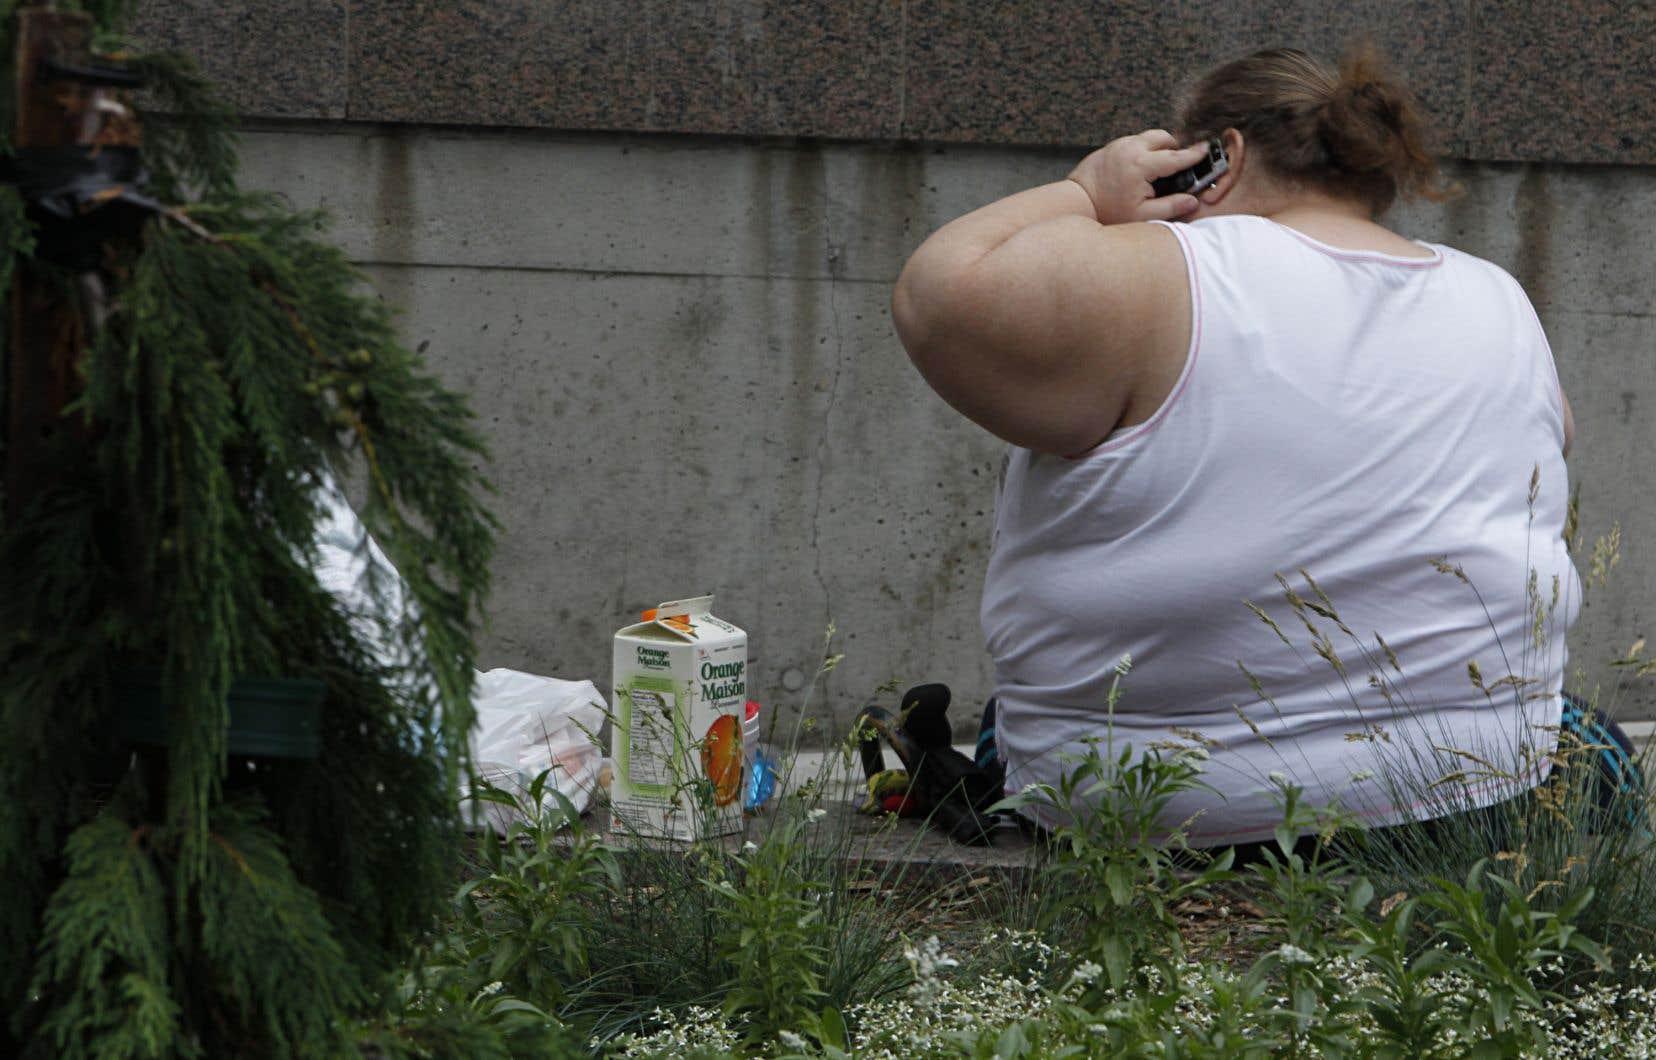 Si la tendance actuelle se maintient, plus de la moitié (55%) de la population des États-Unis sera obèse en 2045.